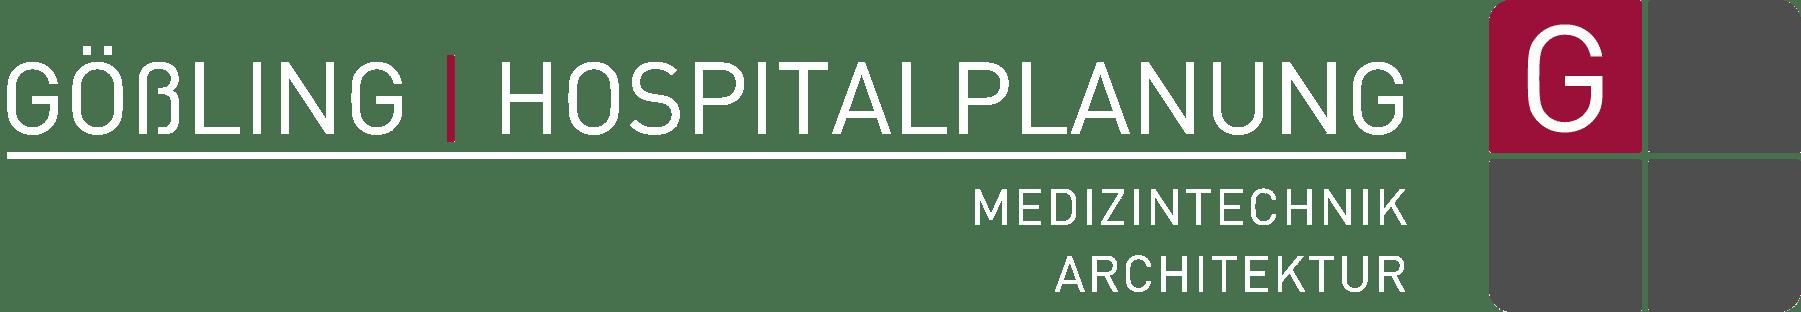 Gößling Hospitalplanung